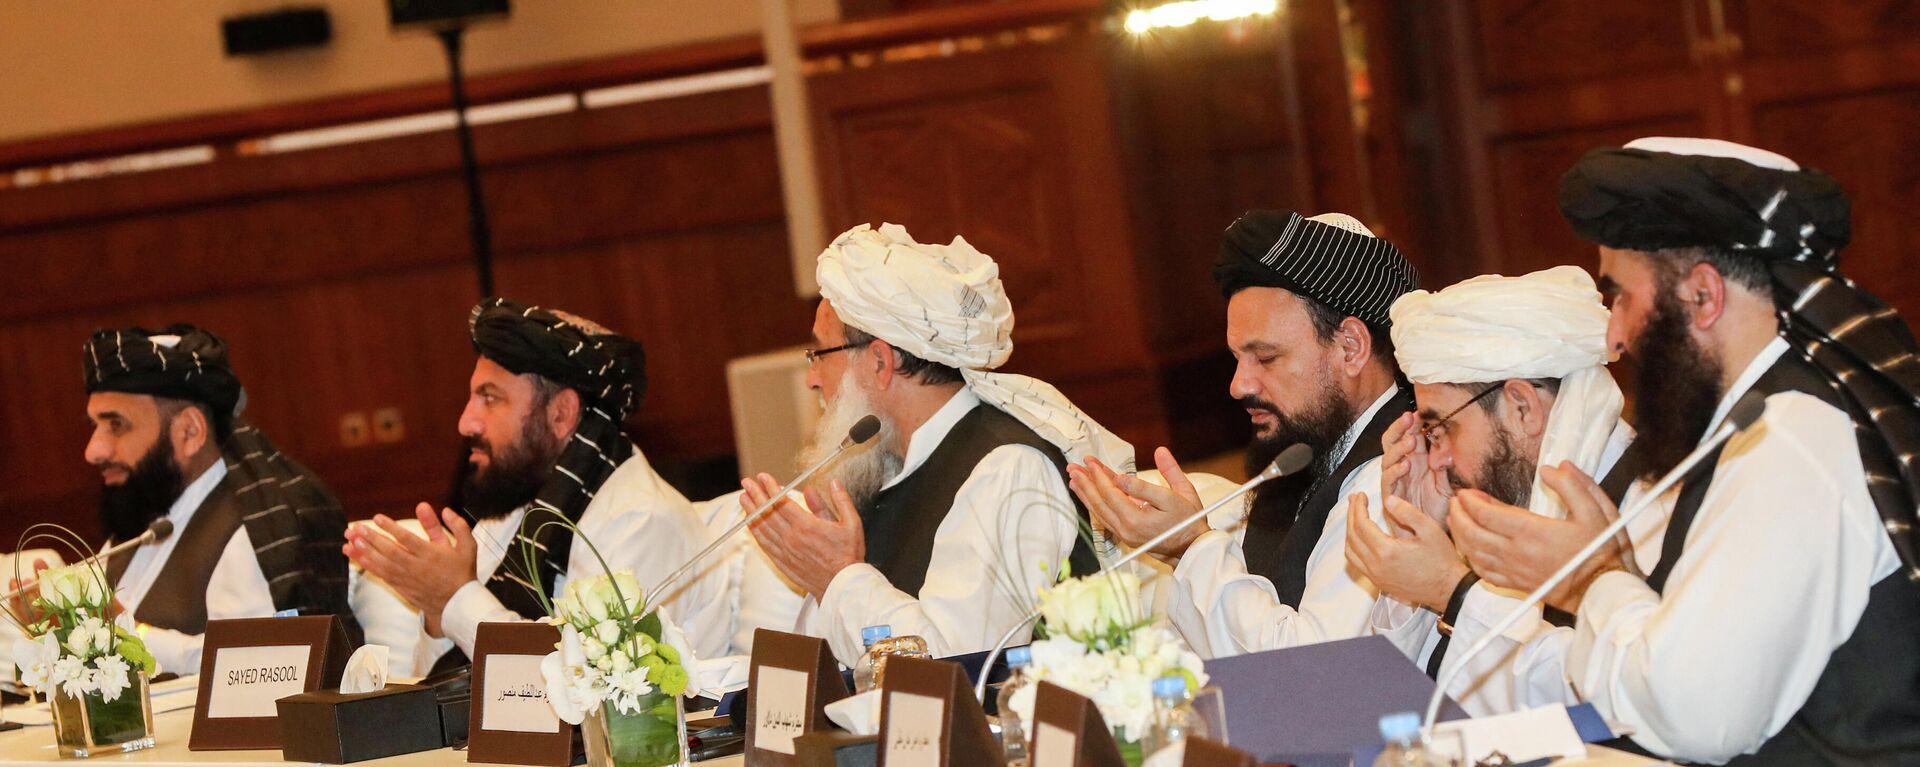 Члены движения Талибан присутствующие на втором дне переговоров внутриафганского диалога - Sputnik Таджикистан, 1920, 07.09.2021